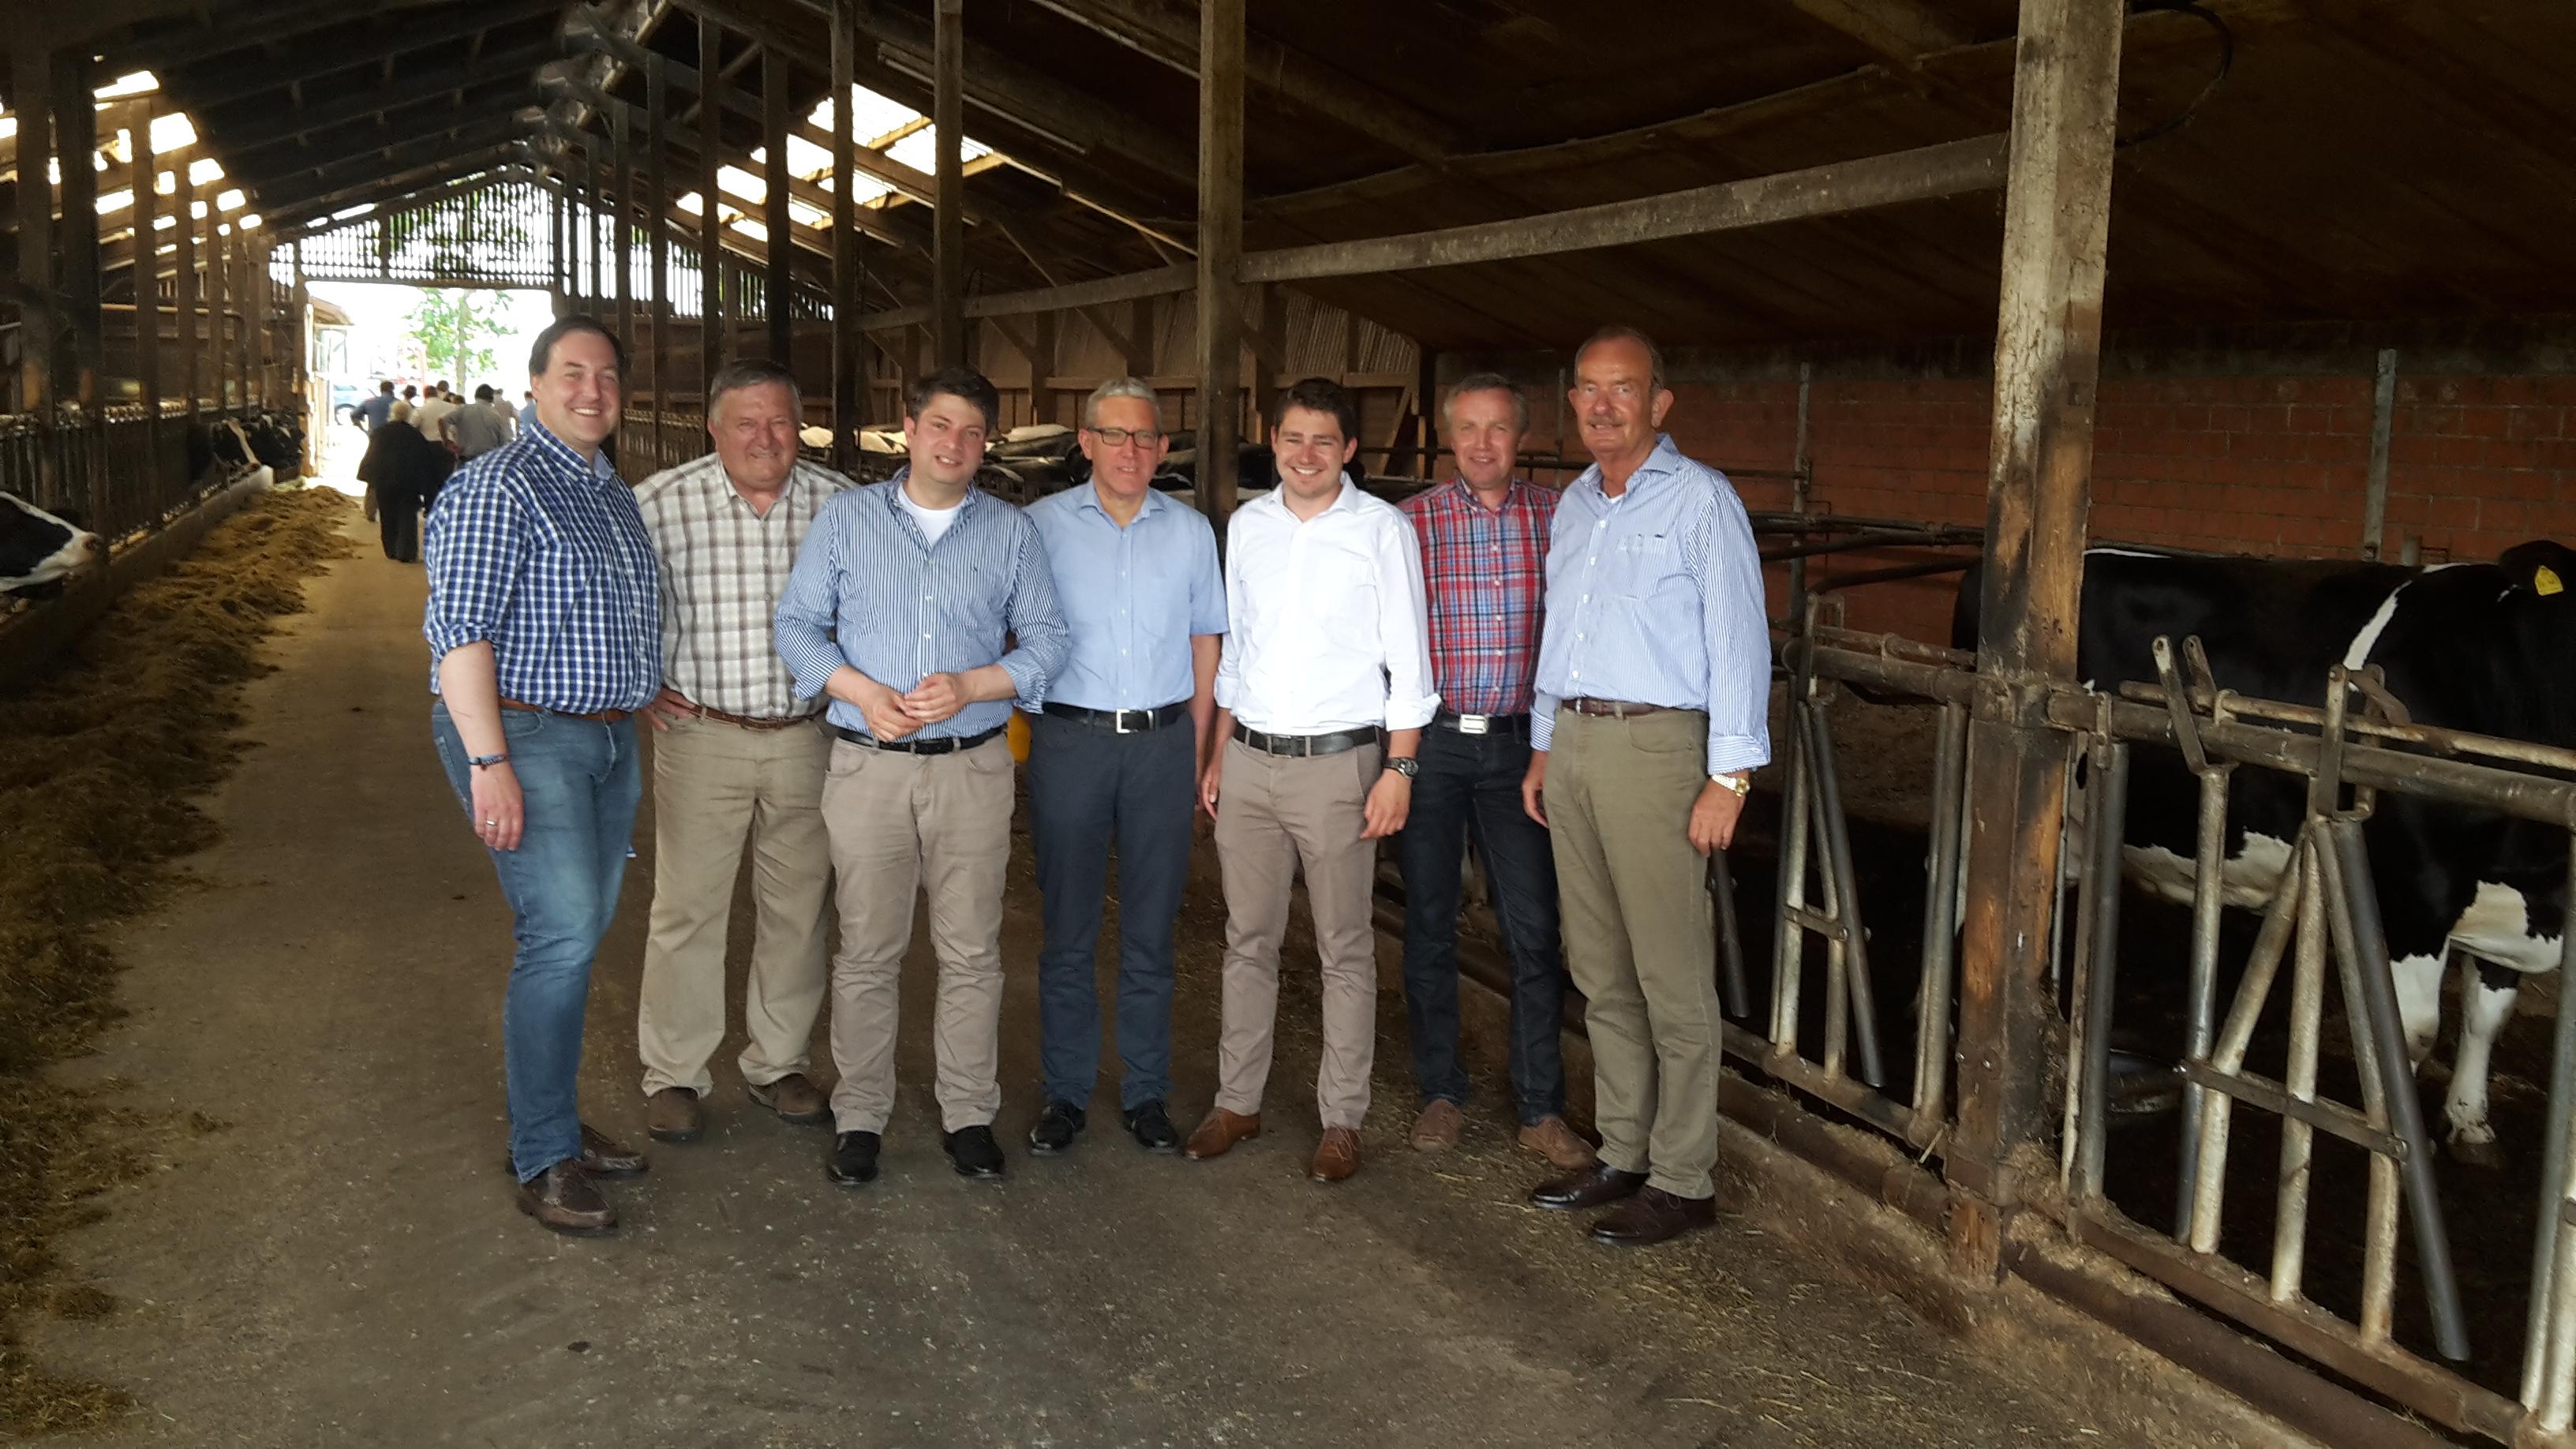 2017: In Grafeld auf dem landwirtschaftlichen Betrieb von Guido Holtheide.